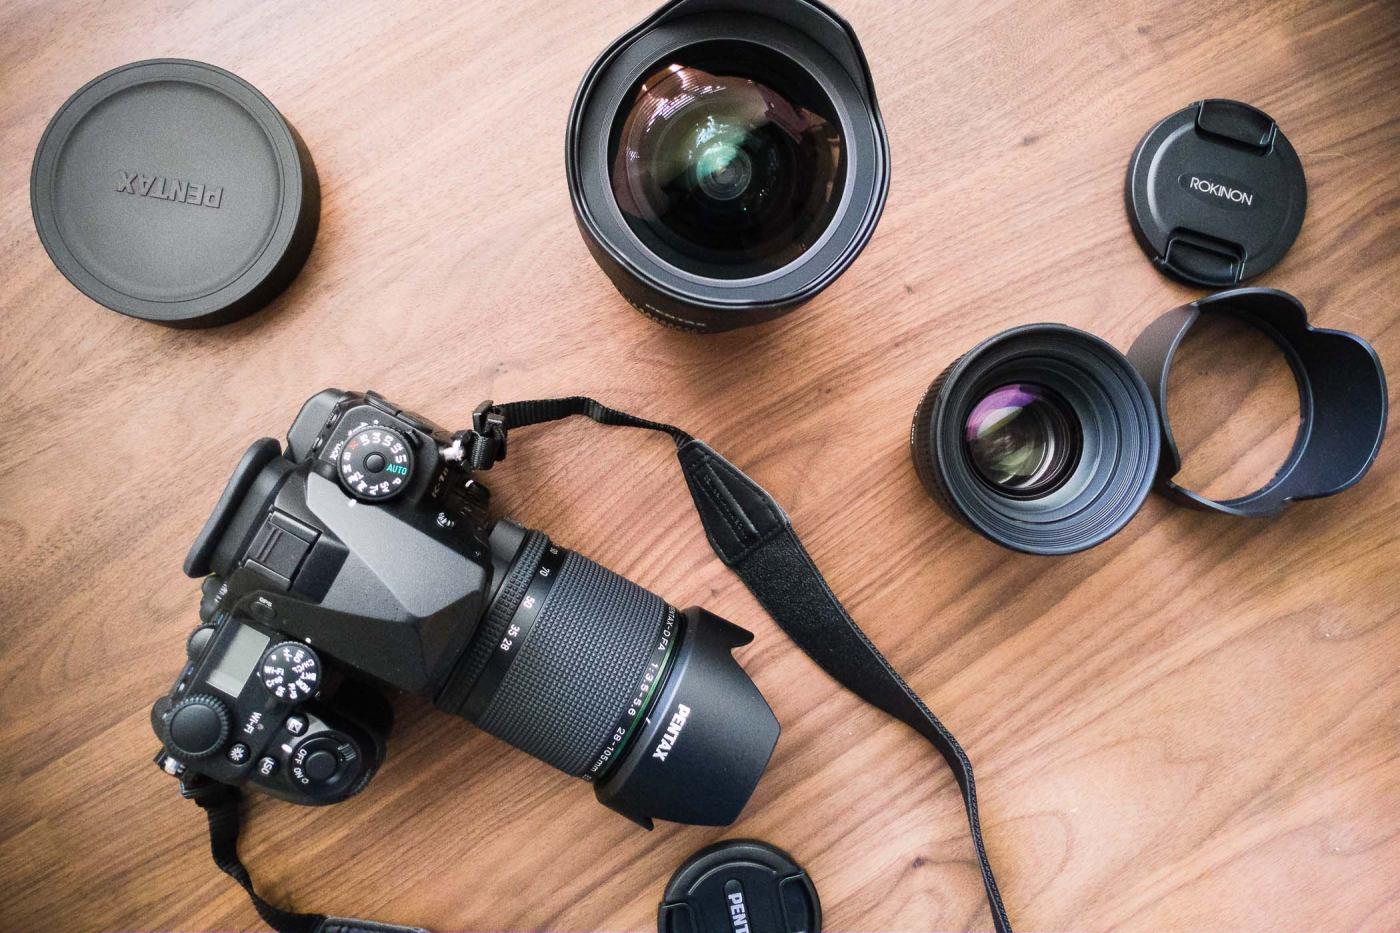 Pentax K-1, Pentax 28-105 f/3.5-5.6, Pentax 15-30mm f/2.8, Rokinon 50mm f/1.4